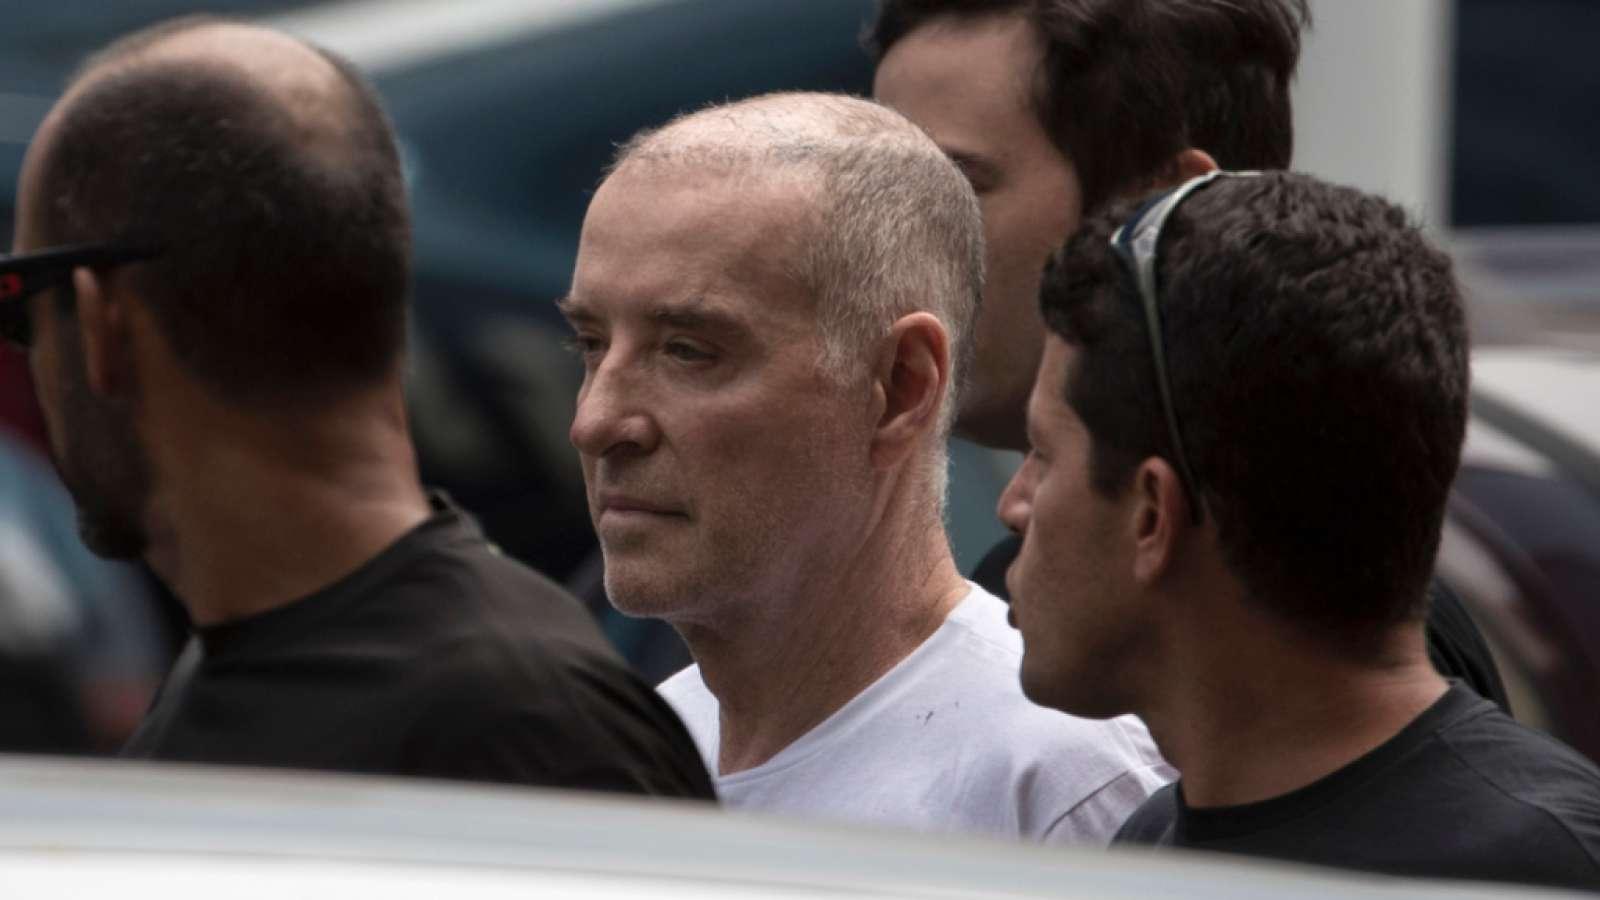 Der unter Korruptionsverdacht stehende brasilianische Unternehmer Eike Batista ist aus dem Gefängnis entlassen worden und untersteht nunmehr lediglich Hausarrest. (Archivbild von seiner Verhaftung)